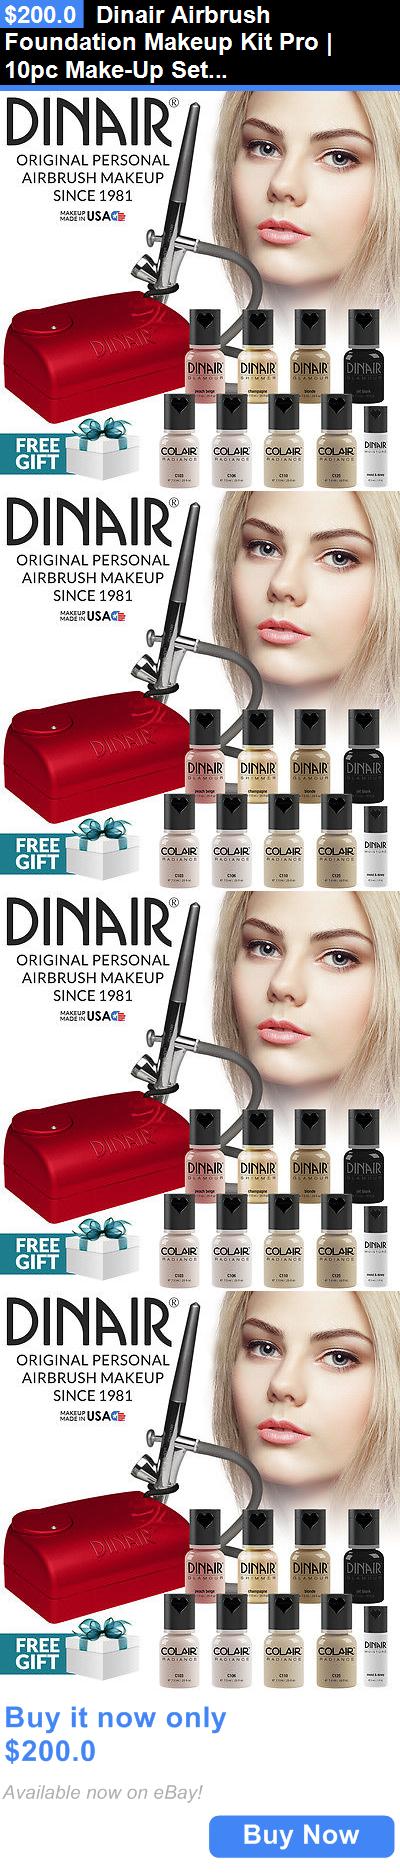 Makeup Sets and Kits Dinair Airbrush Foundation Makeup